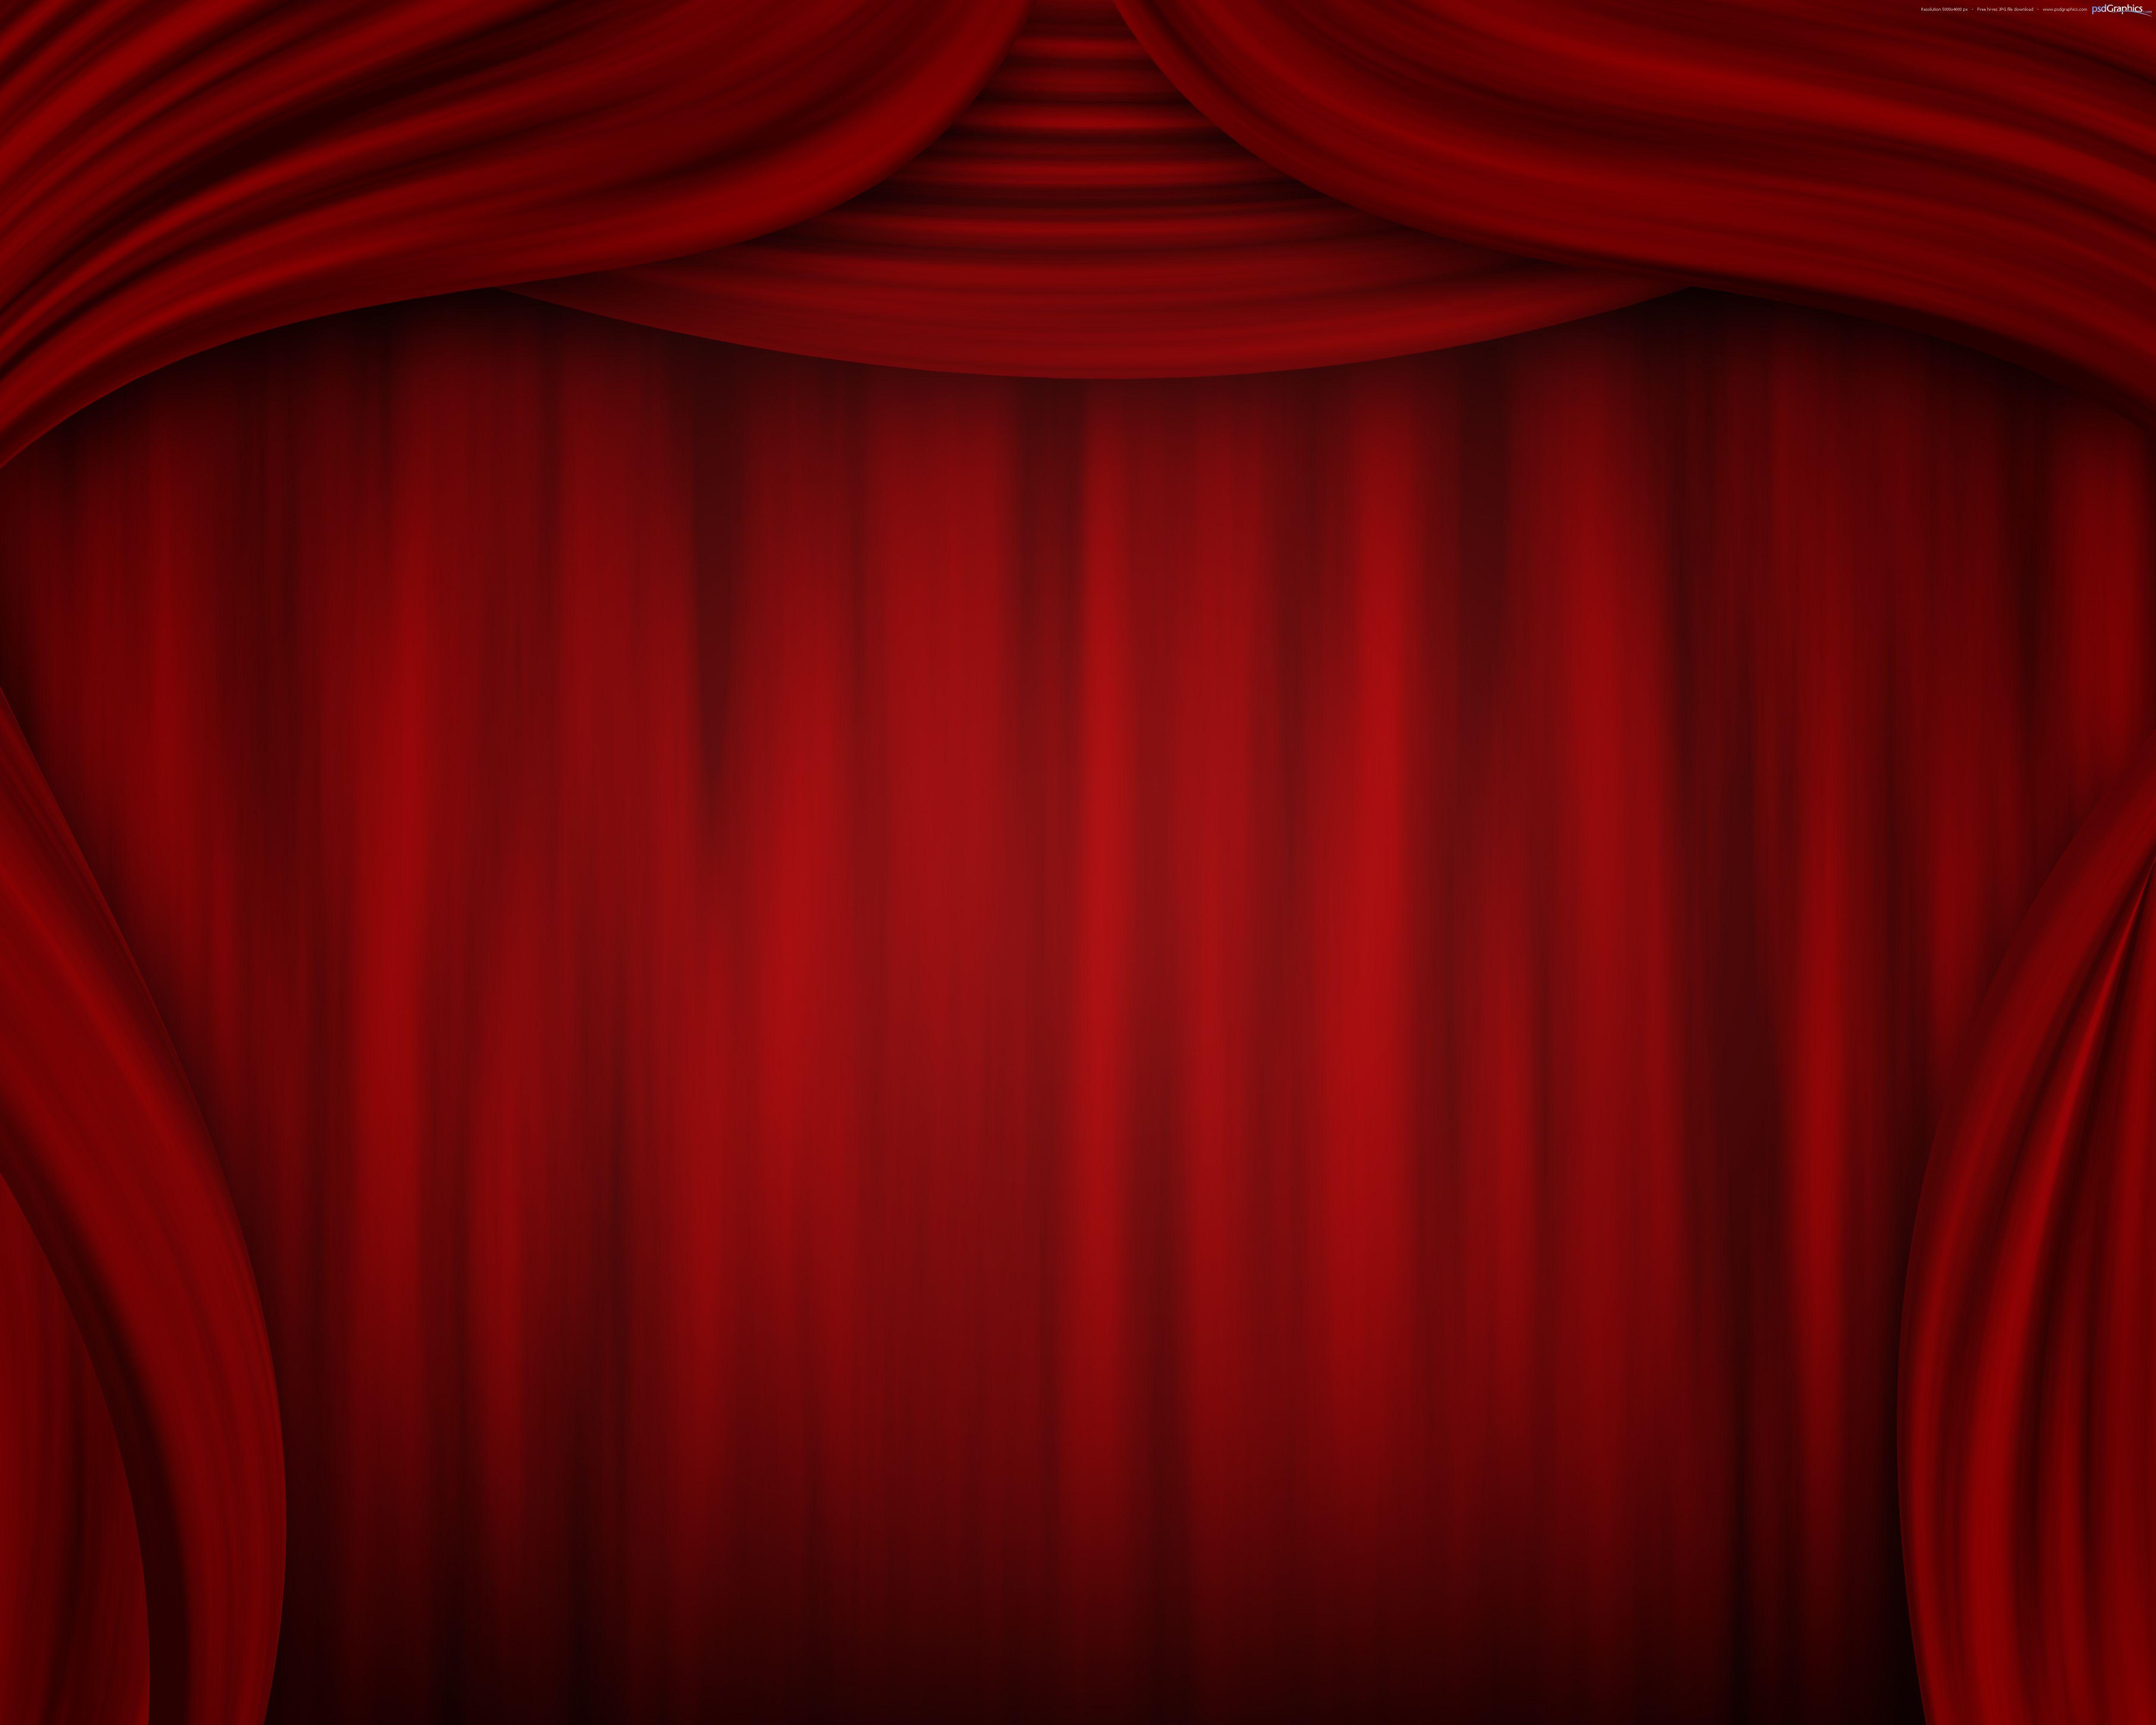 Closed theater curtains - Closed Theatre Curtains Jpg 1898 3008 254 Arena Ferrari Pinterest